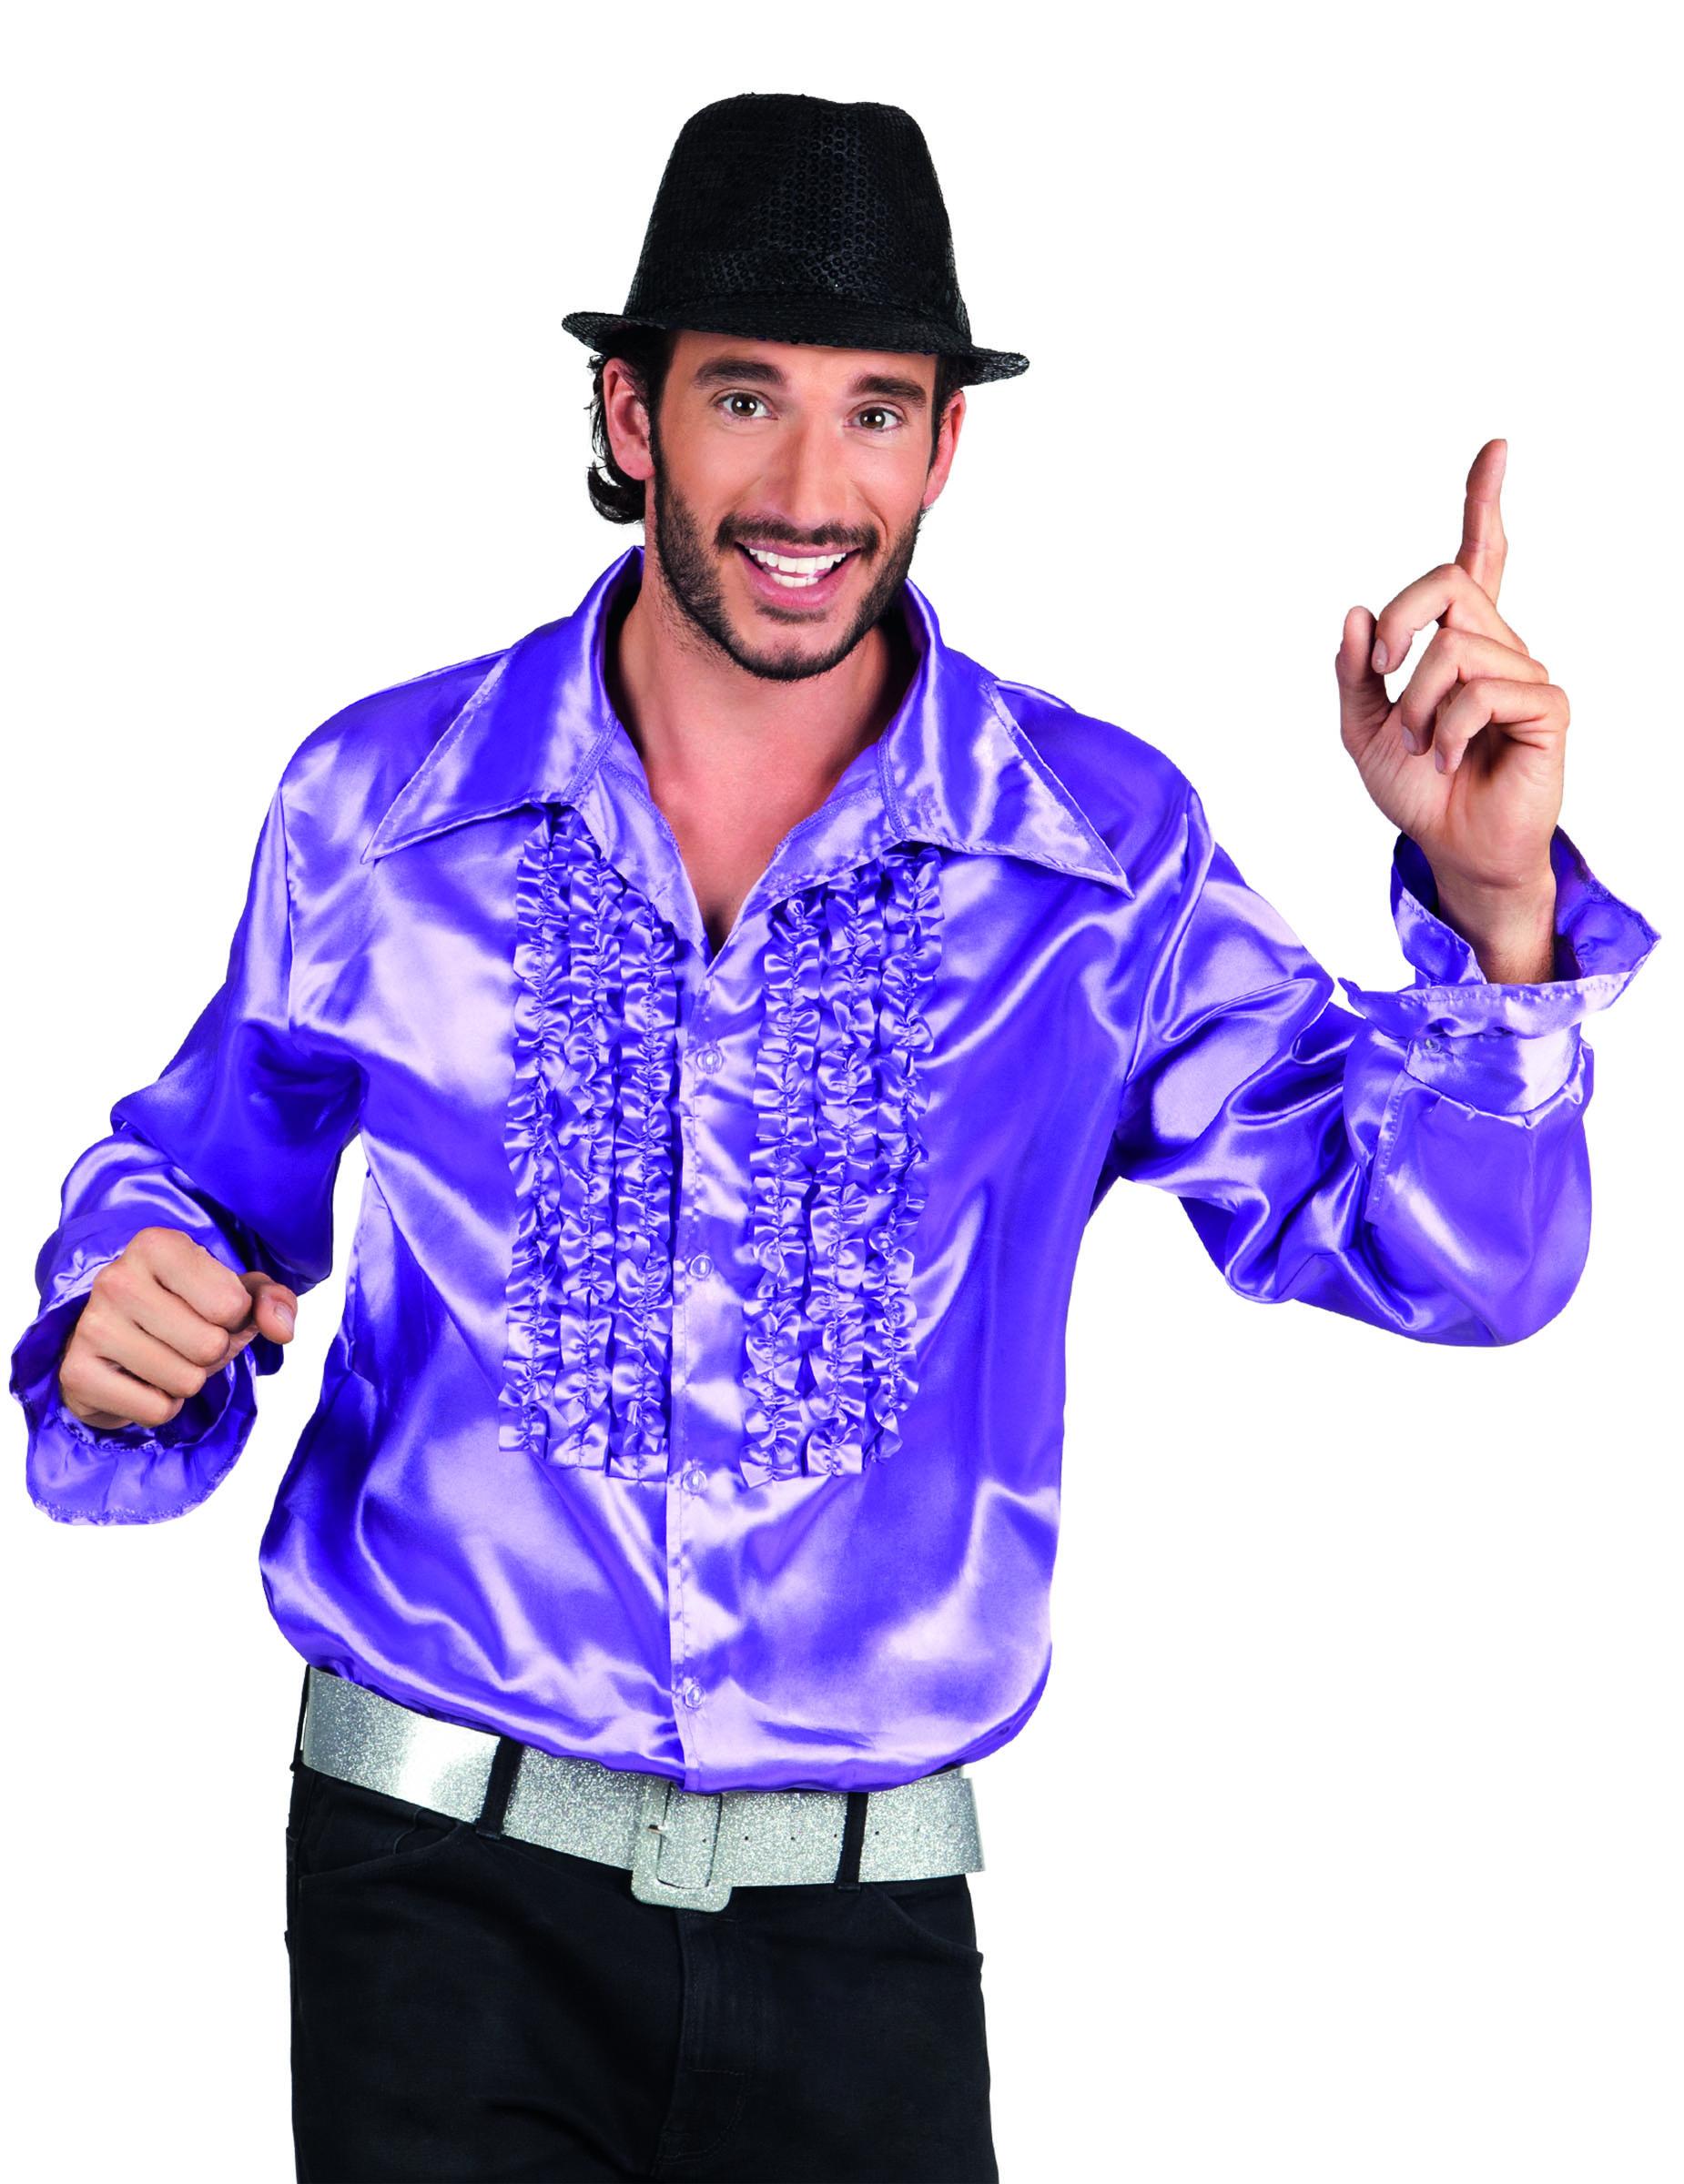 chemise disco violette homme d coration anniversaire et. Black Bedroom Furniture Sets. Home Design Ideas